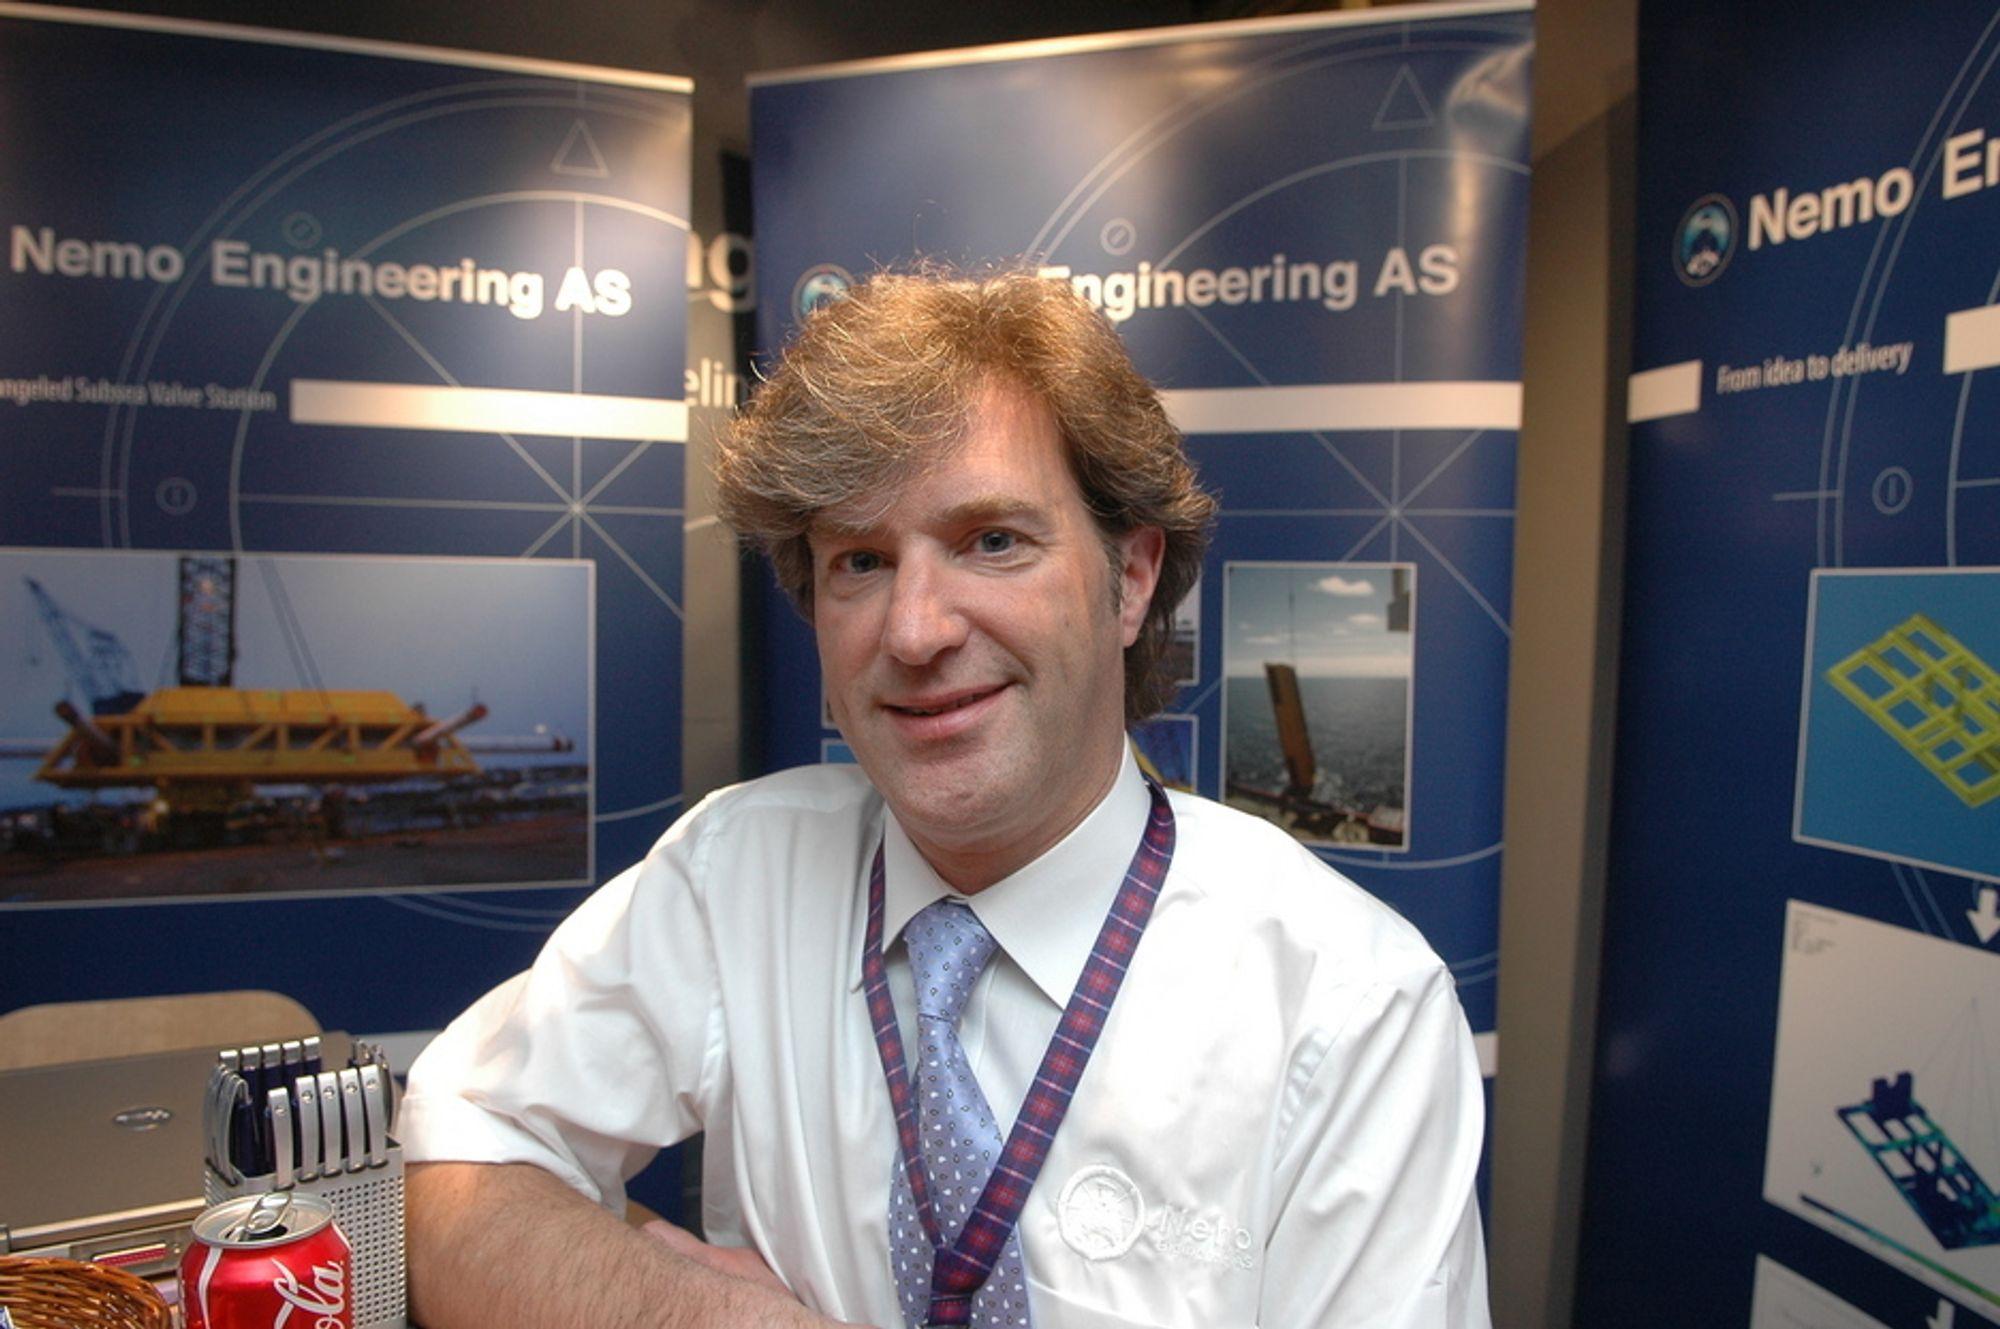 KONTAKTSØKENDE: Direktør Håkon Strømberg i Nemo Engineering var på OTC for å treffe nordmenn og å skaffe seg kontakter inn i det stigende undervannsmarkedet i Den mexicanske golfen